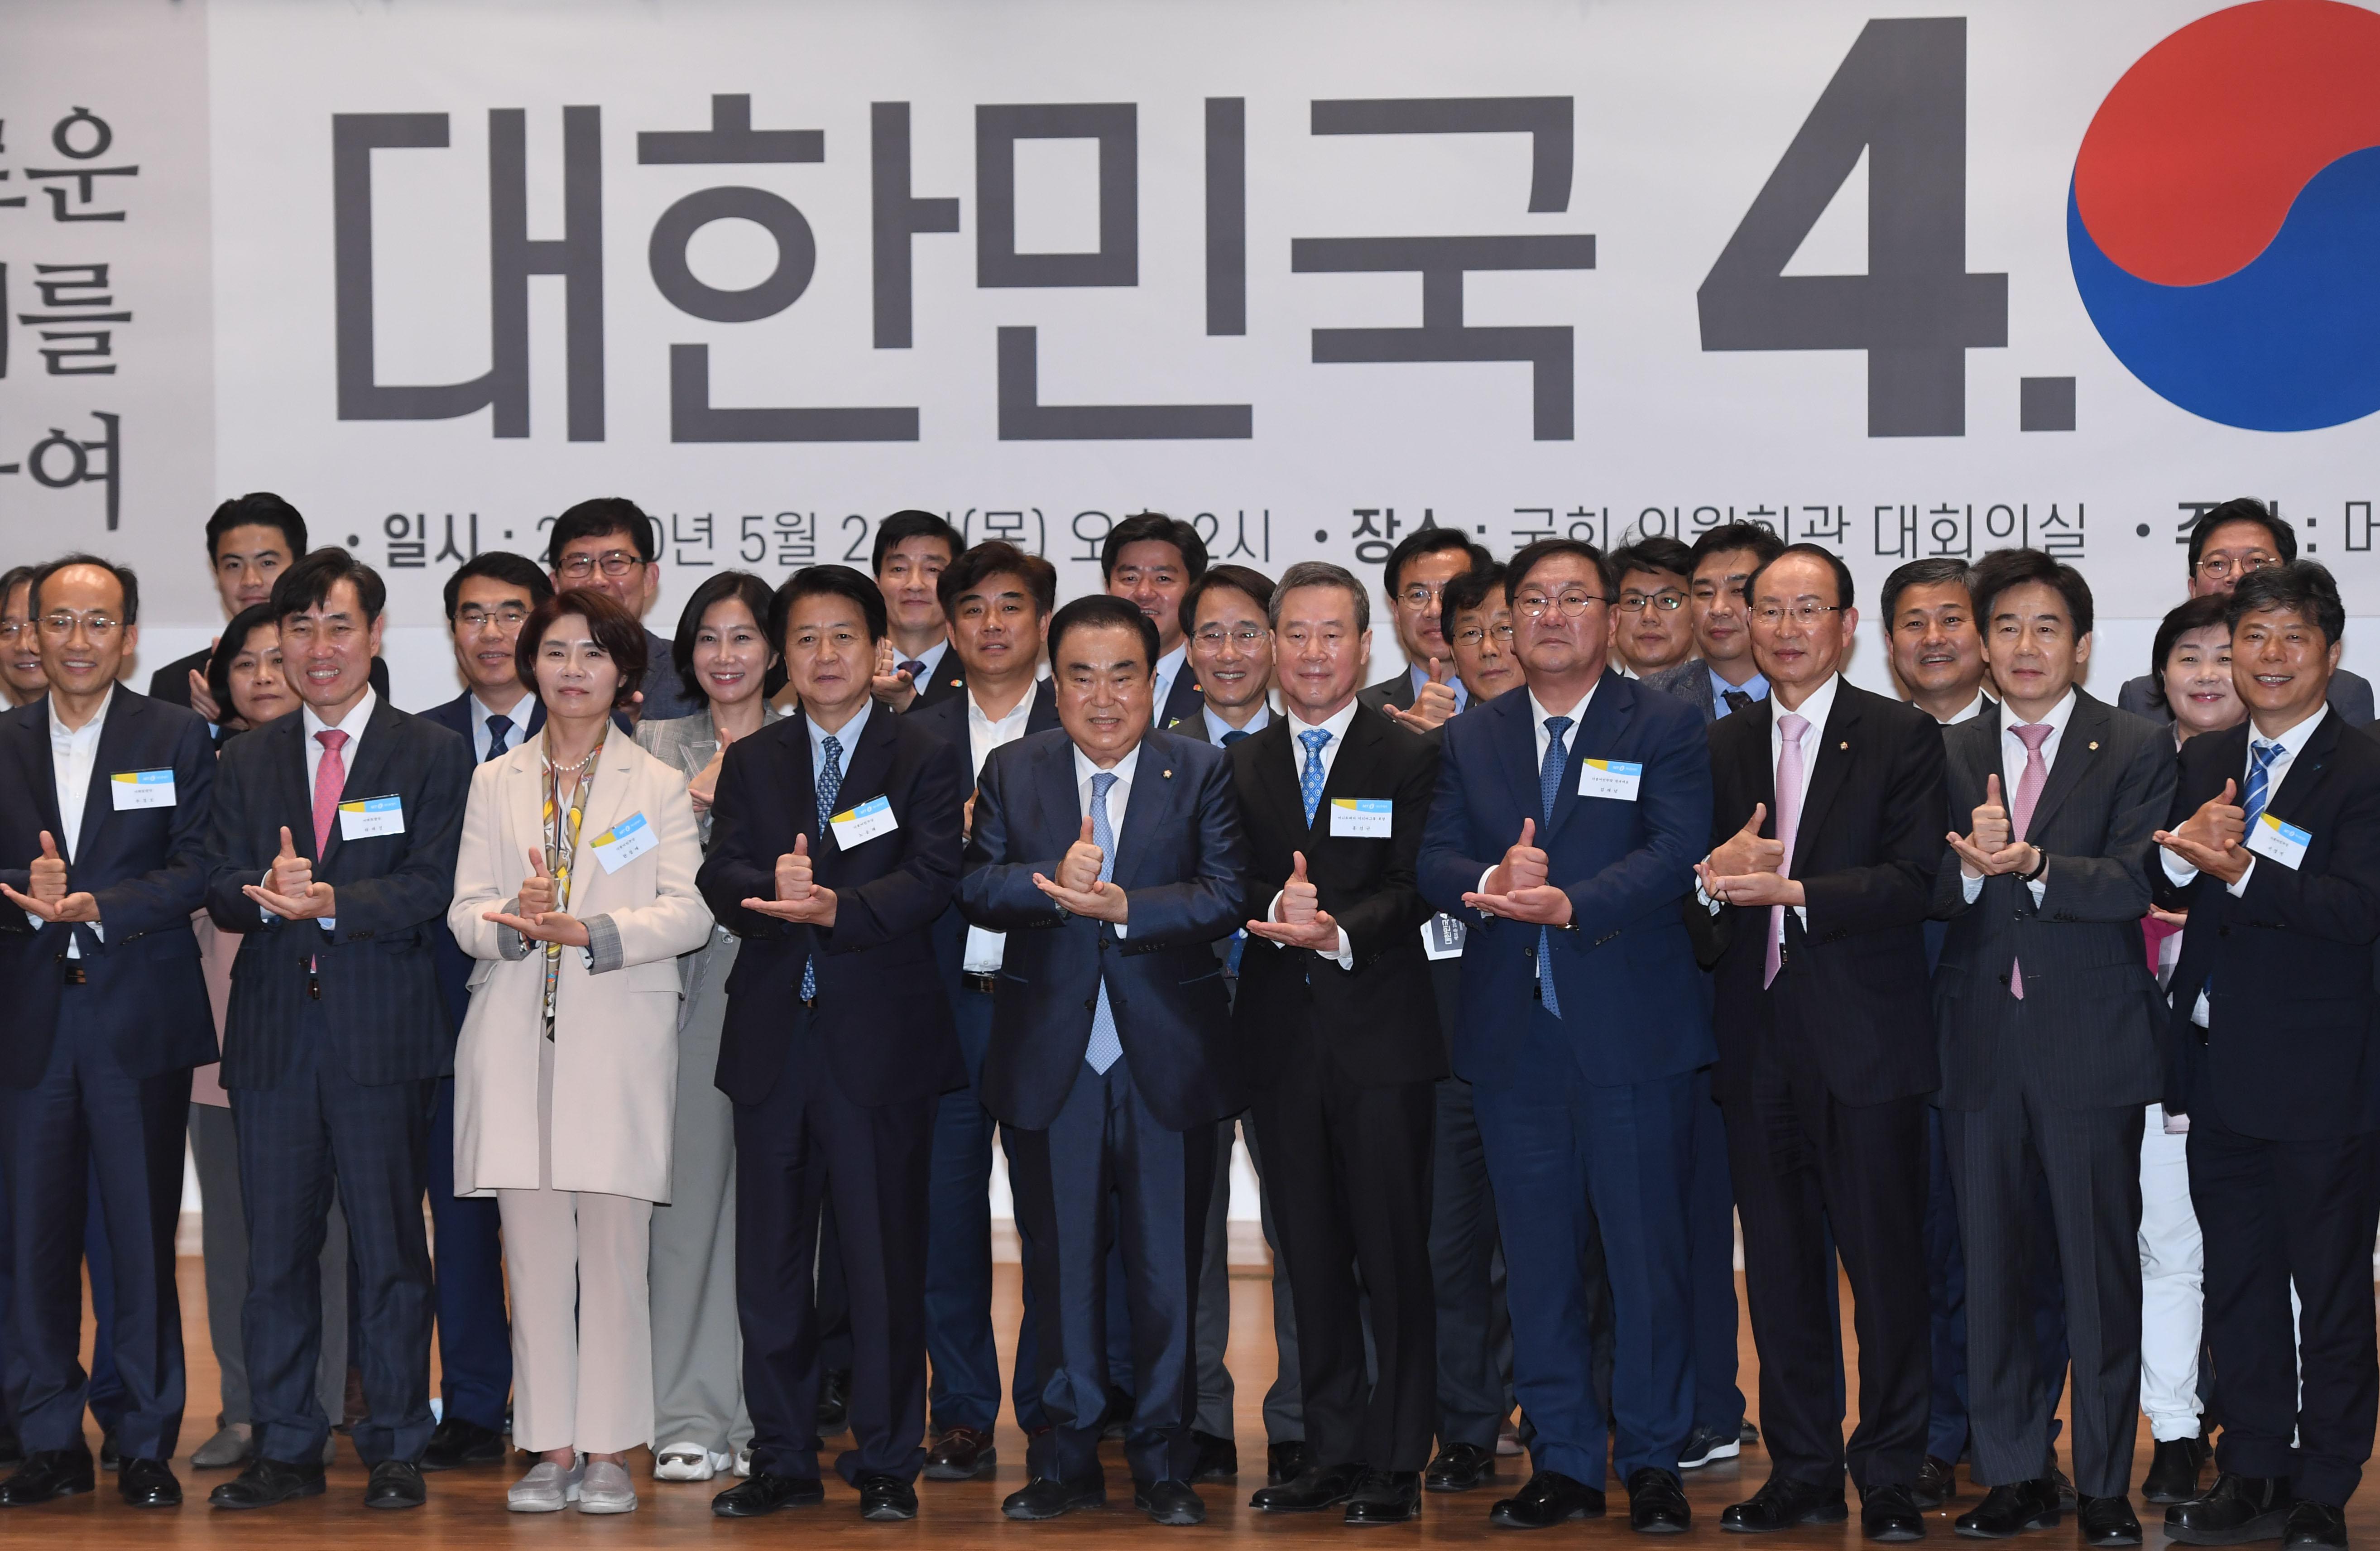 새로운 21대 국회를 위한 '대한민국 4.0 포럼'